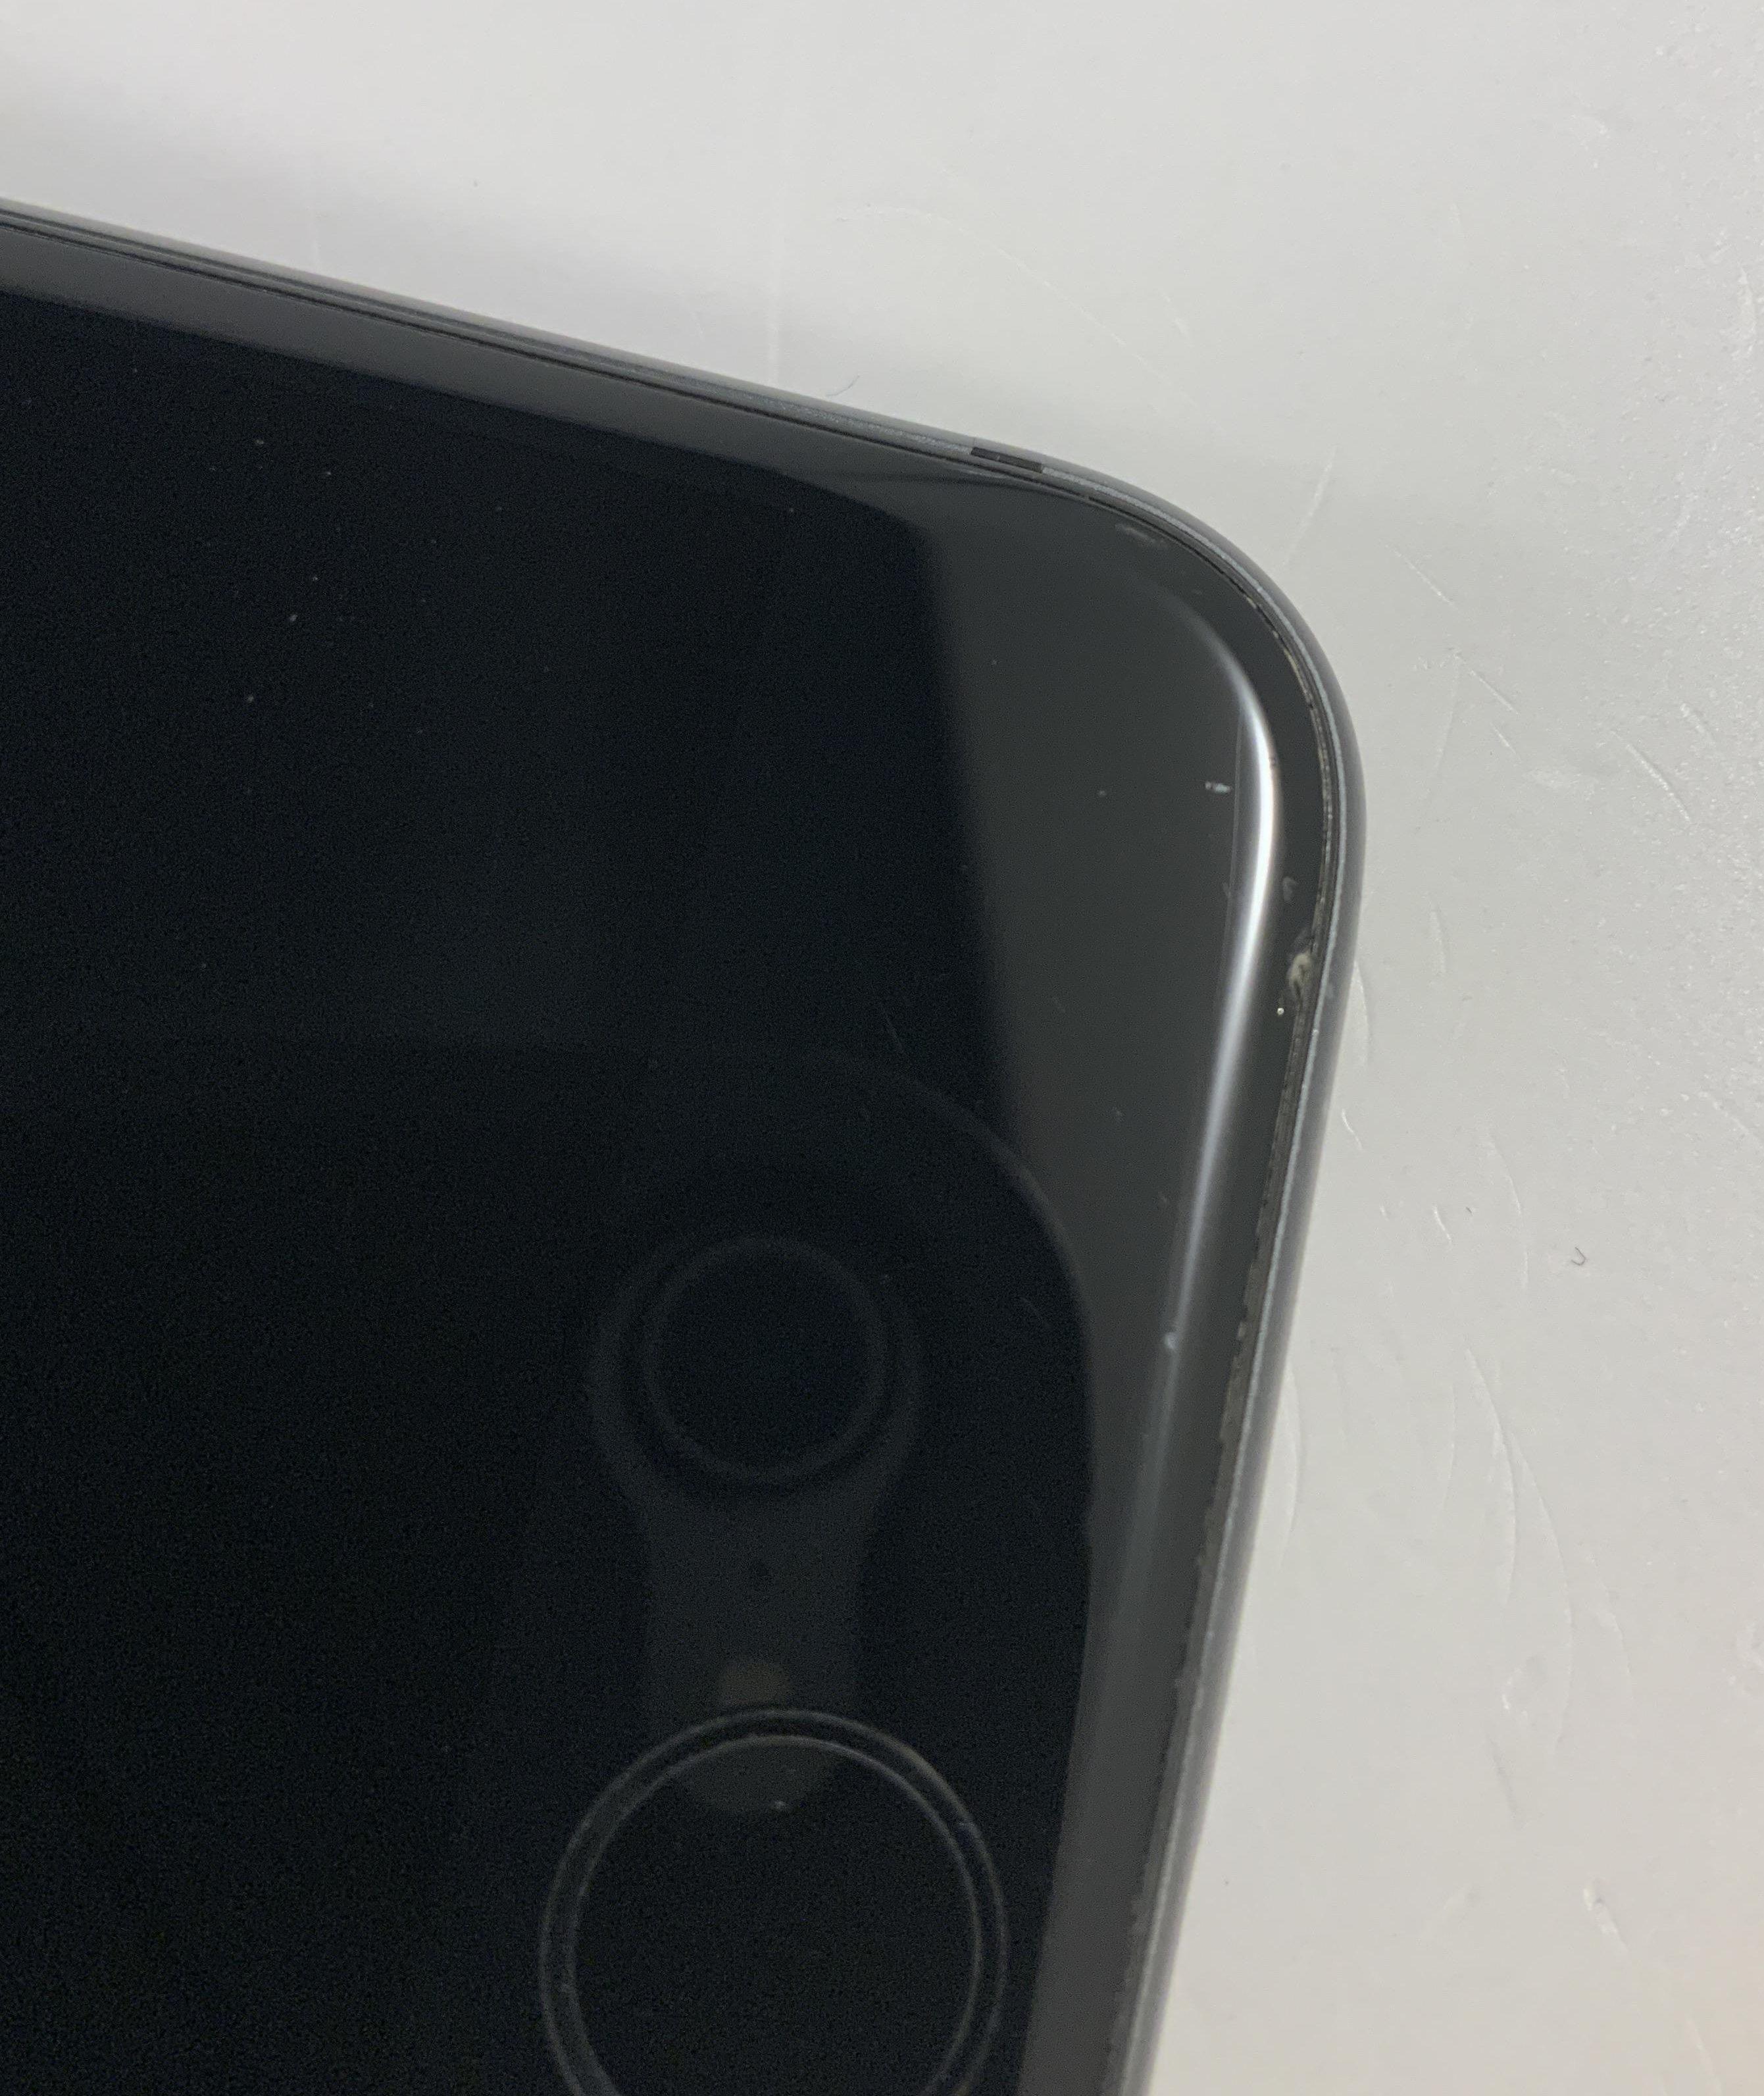 iPhone 8 Plus 64GB, 64GB, Space Gray, imagen 4